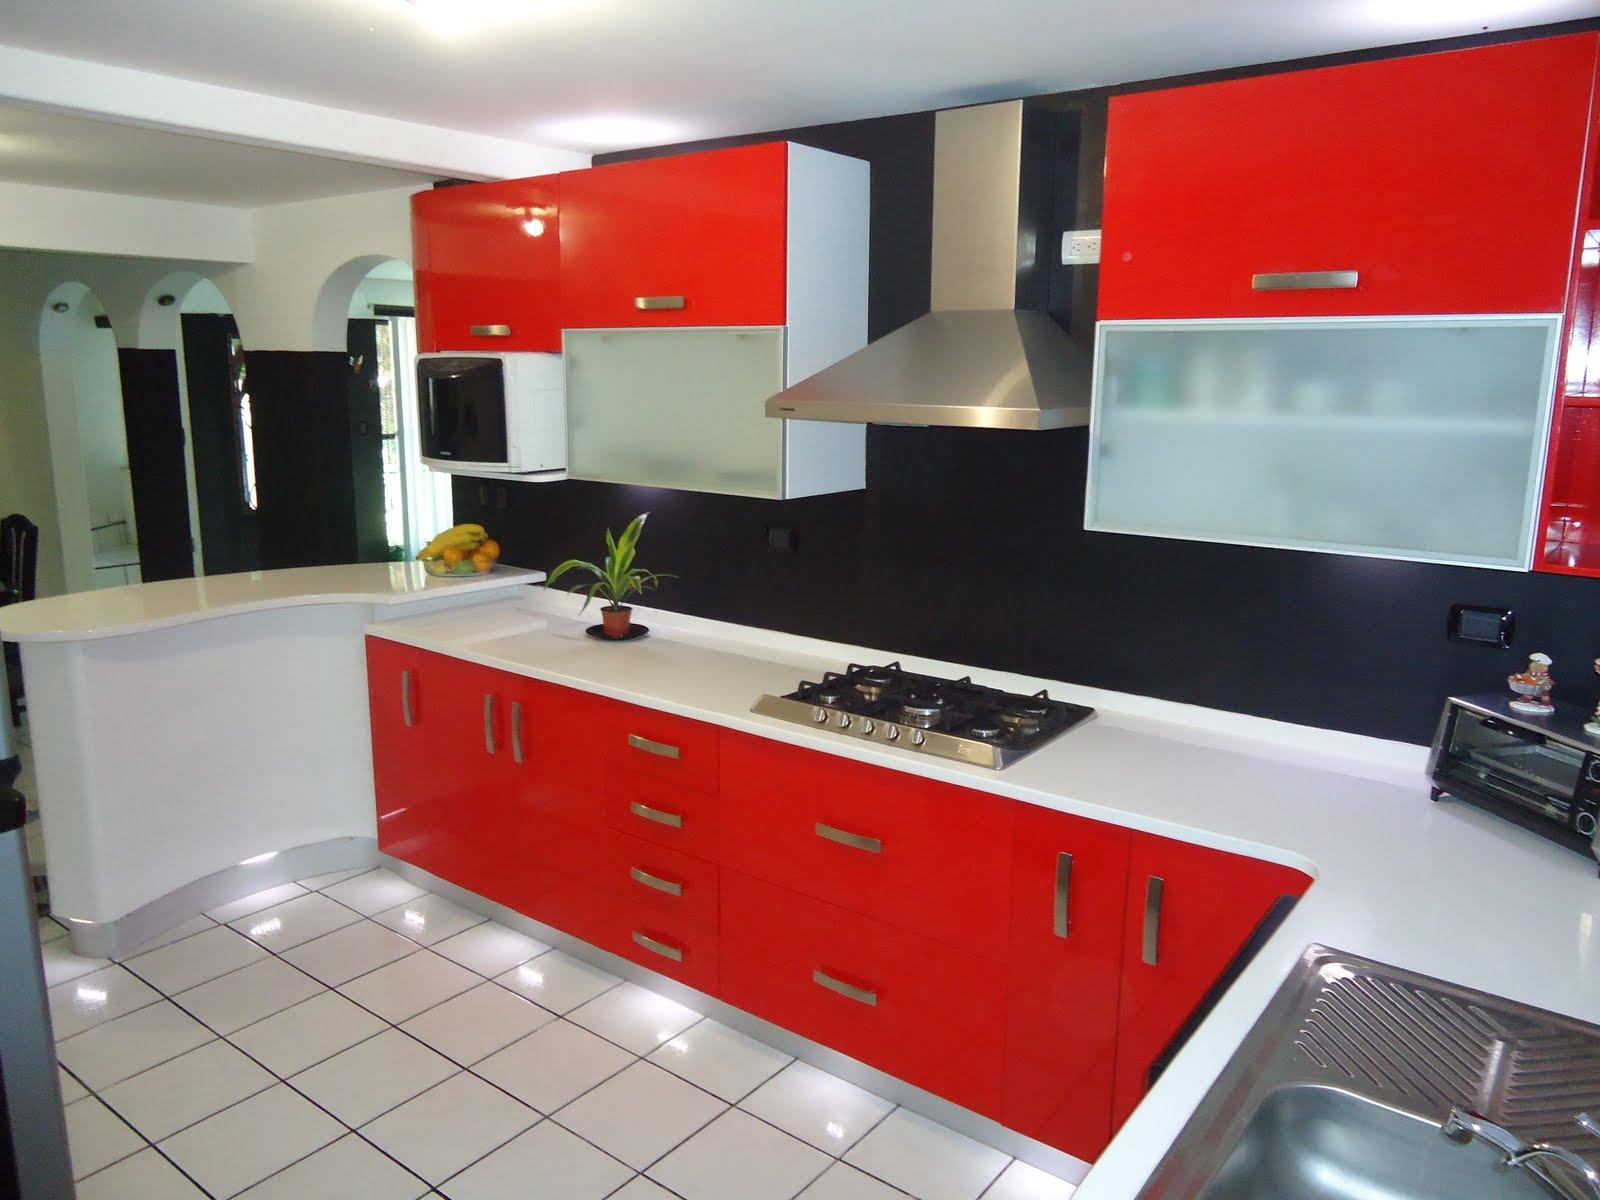 Heynez cocinas modernas diferentes colores de cocina for Cocina de creacion